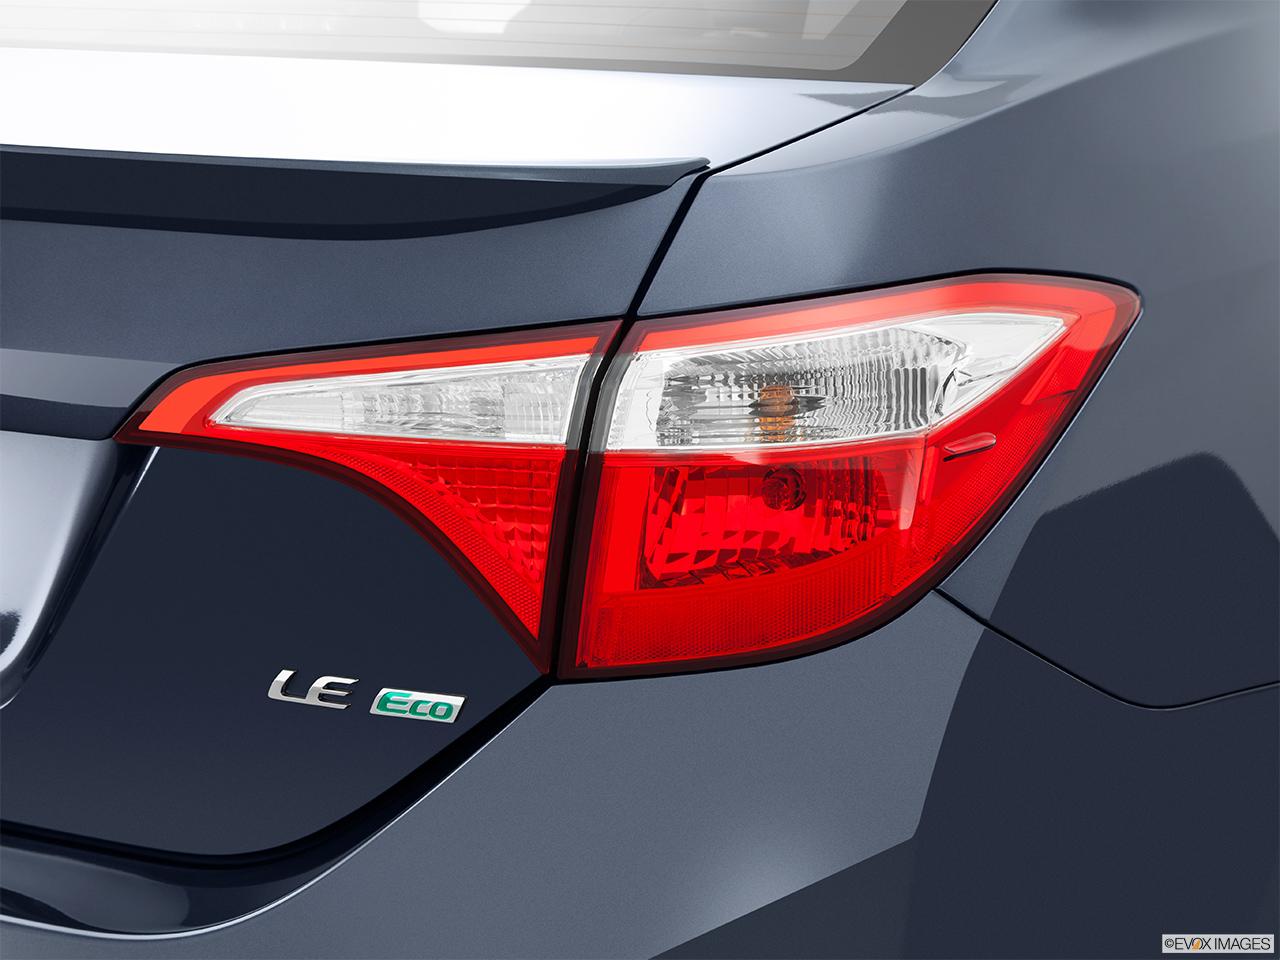 2015 Toyota Corolla 4dr Sedan Cvt Le Eco Passenger Side